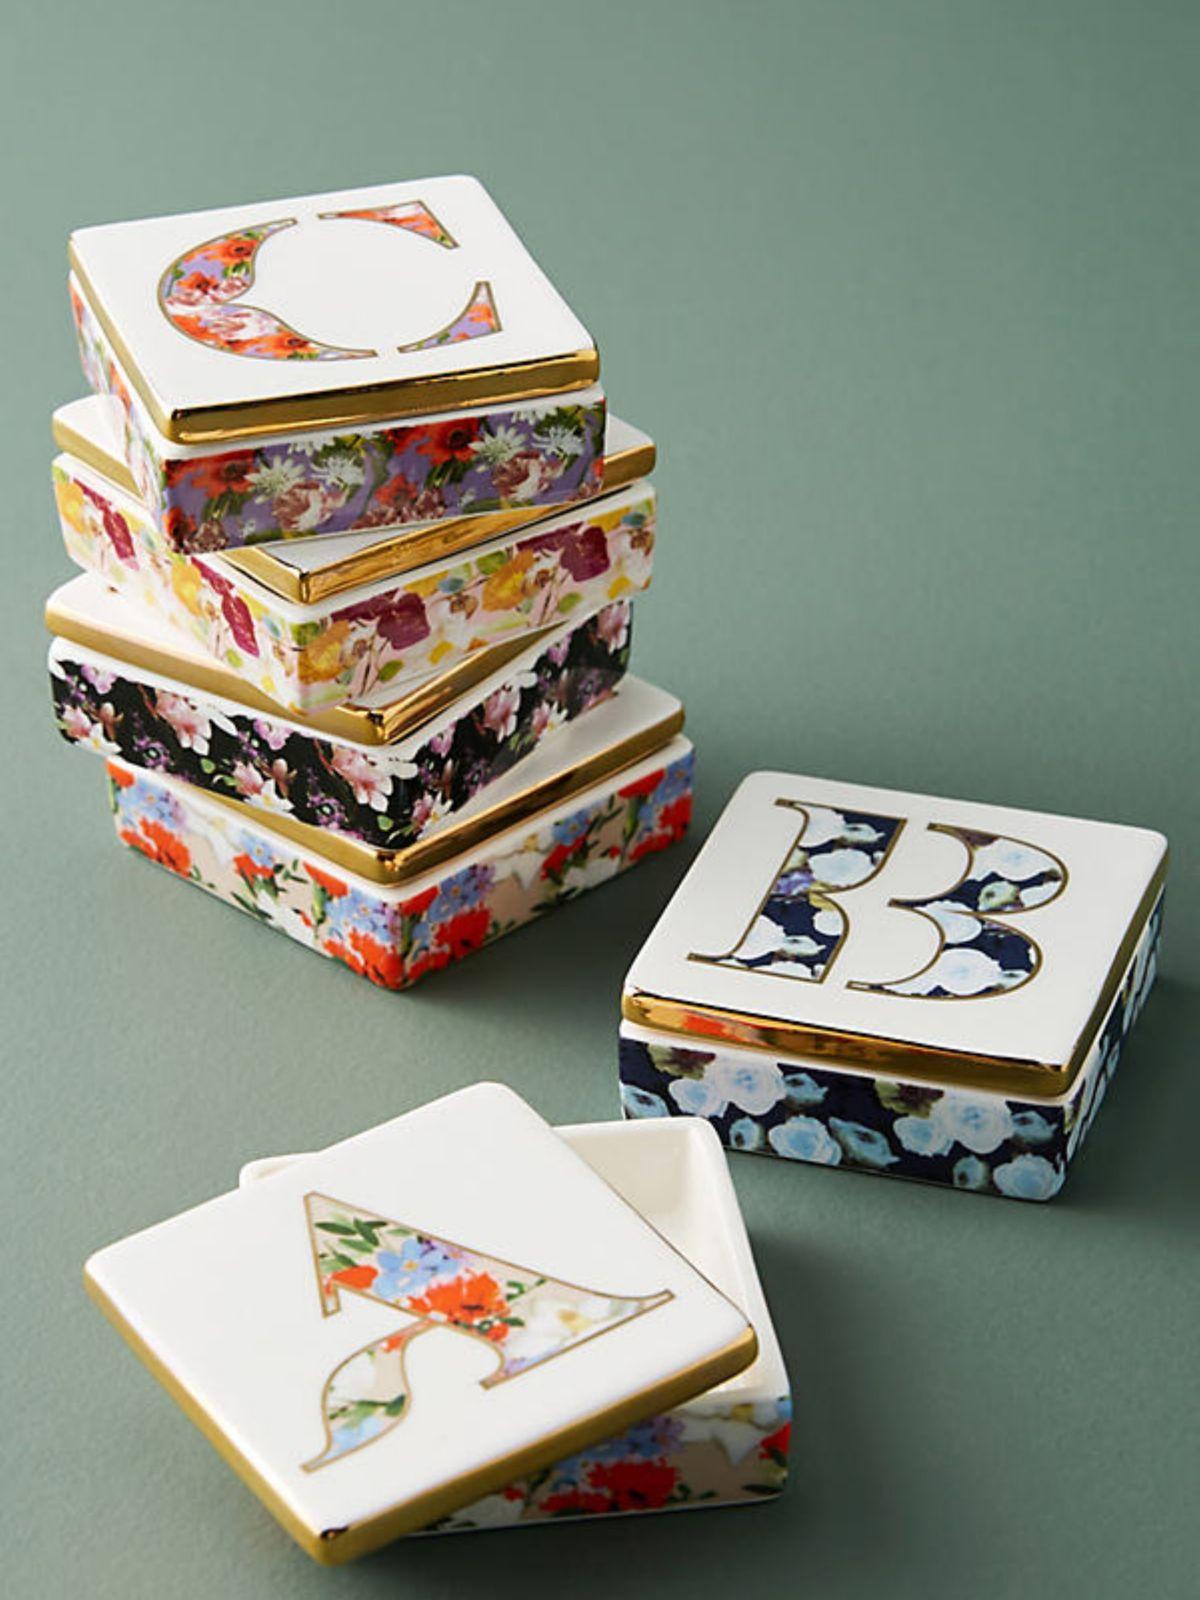 קופסת תכשיטים עם ציורי פרחים / Bקופסת תכשיטים עם ציורי פרחים / B של ANTHROPOLOGIE